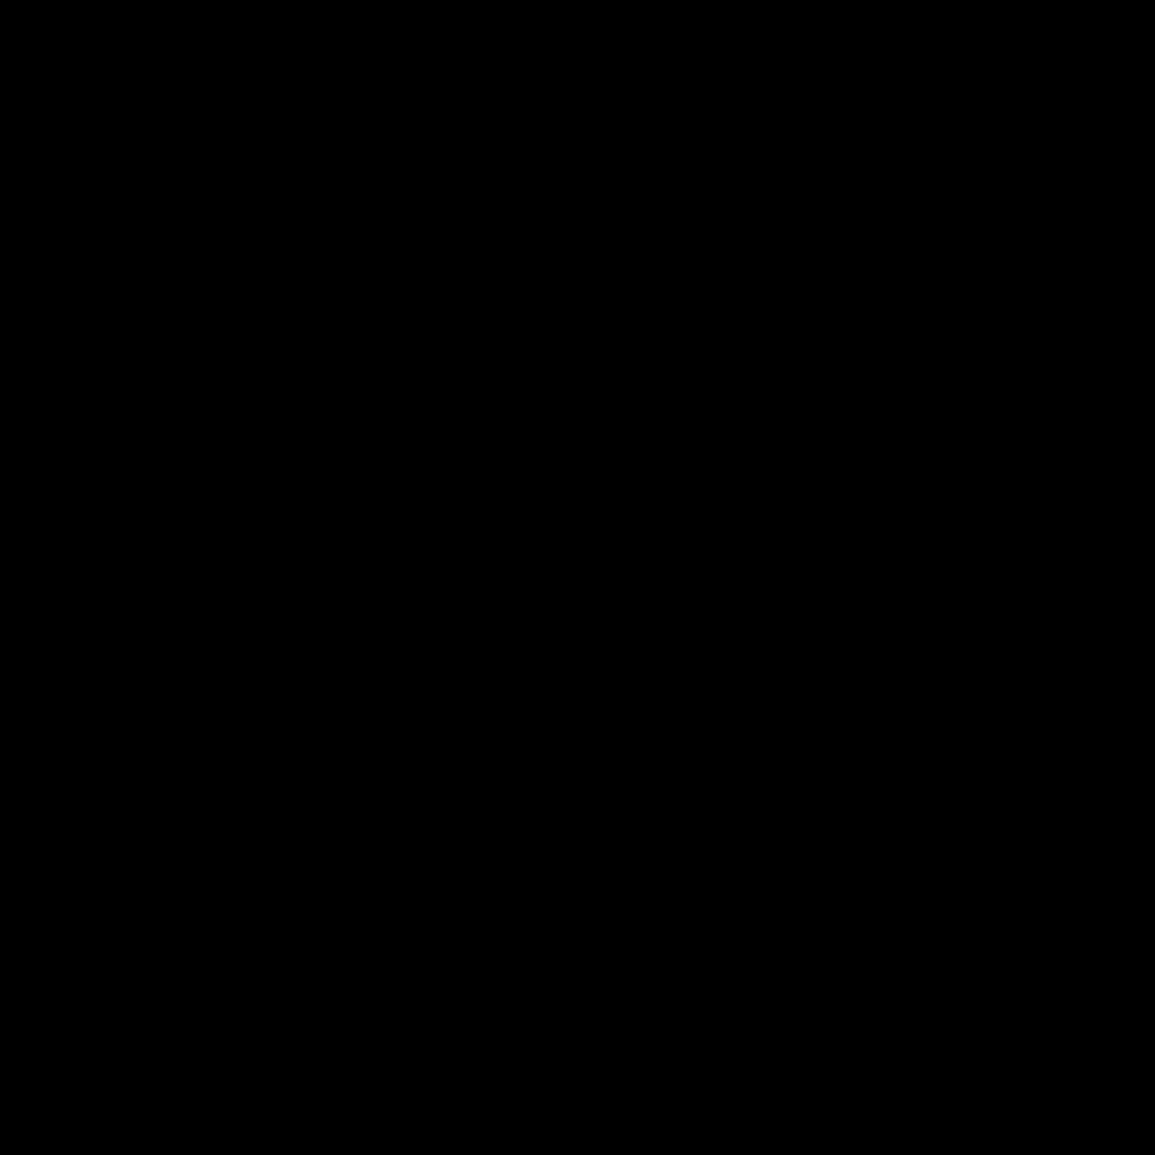 タイポス 44 TY44 字形見本